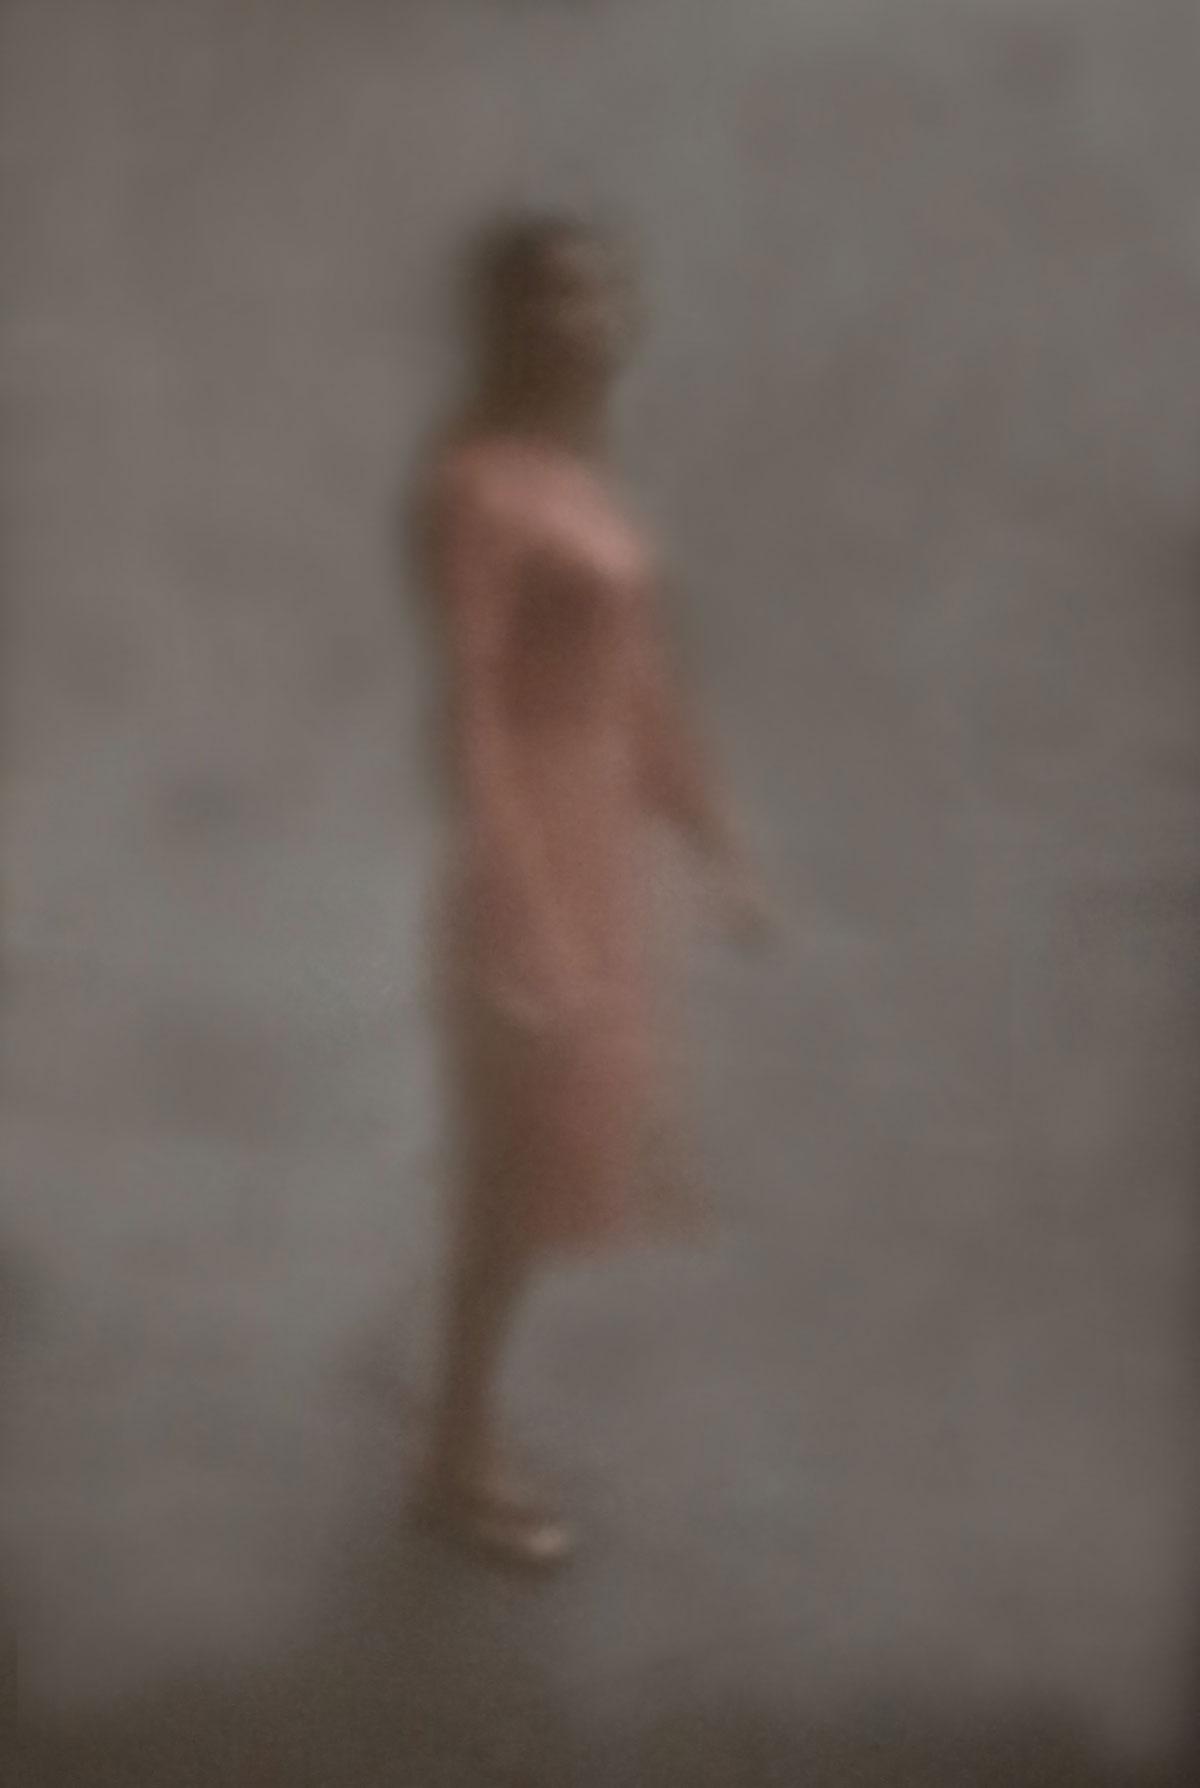 11 | new zealand series | 2020 | Camera Obscura | Pigmentdruck auf Alu-Dibond